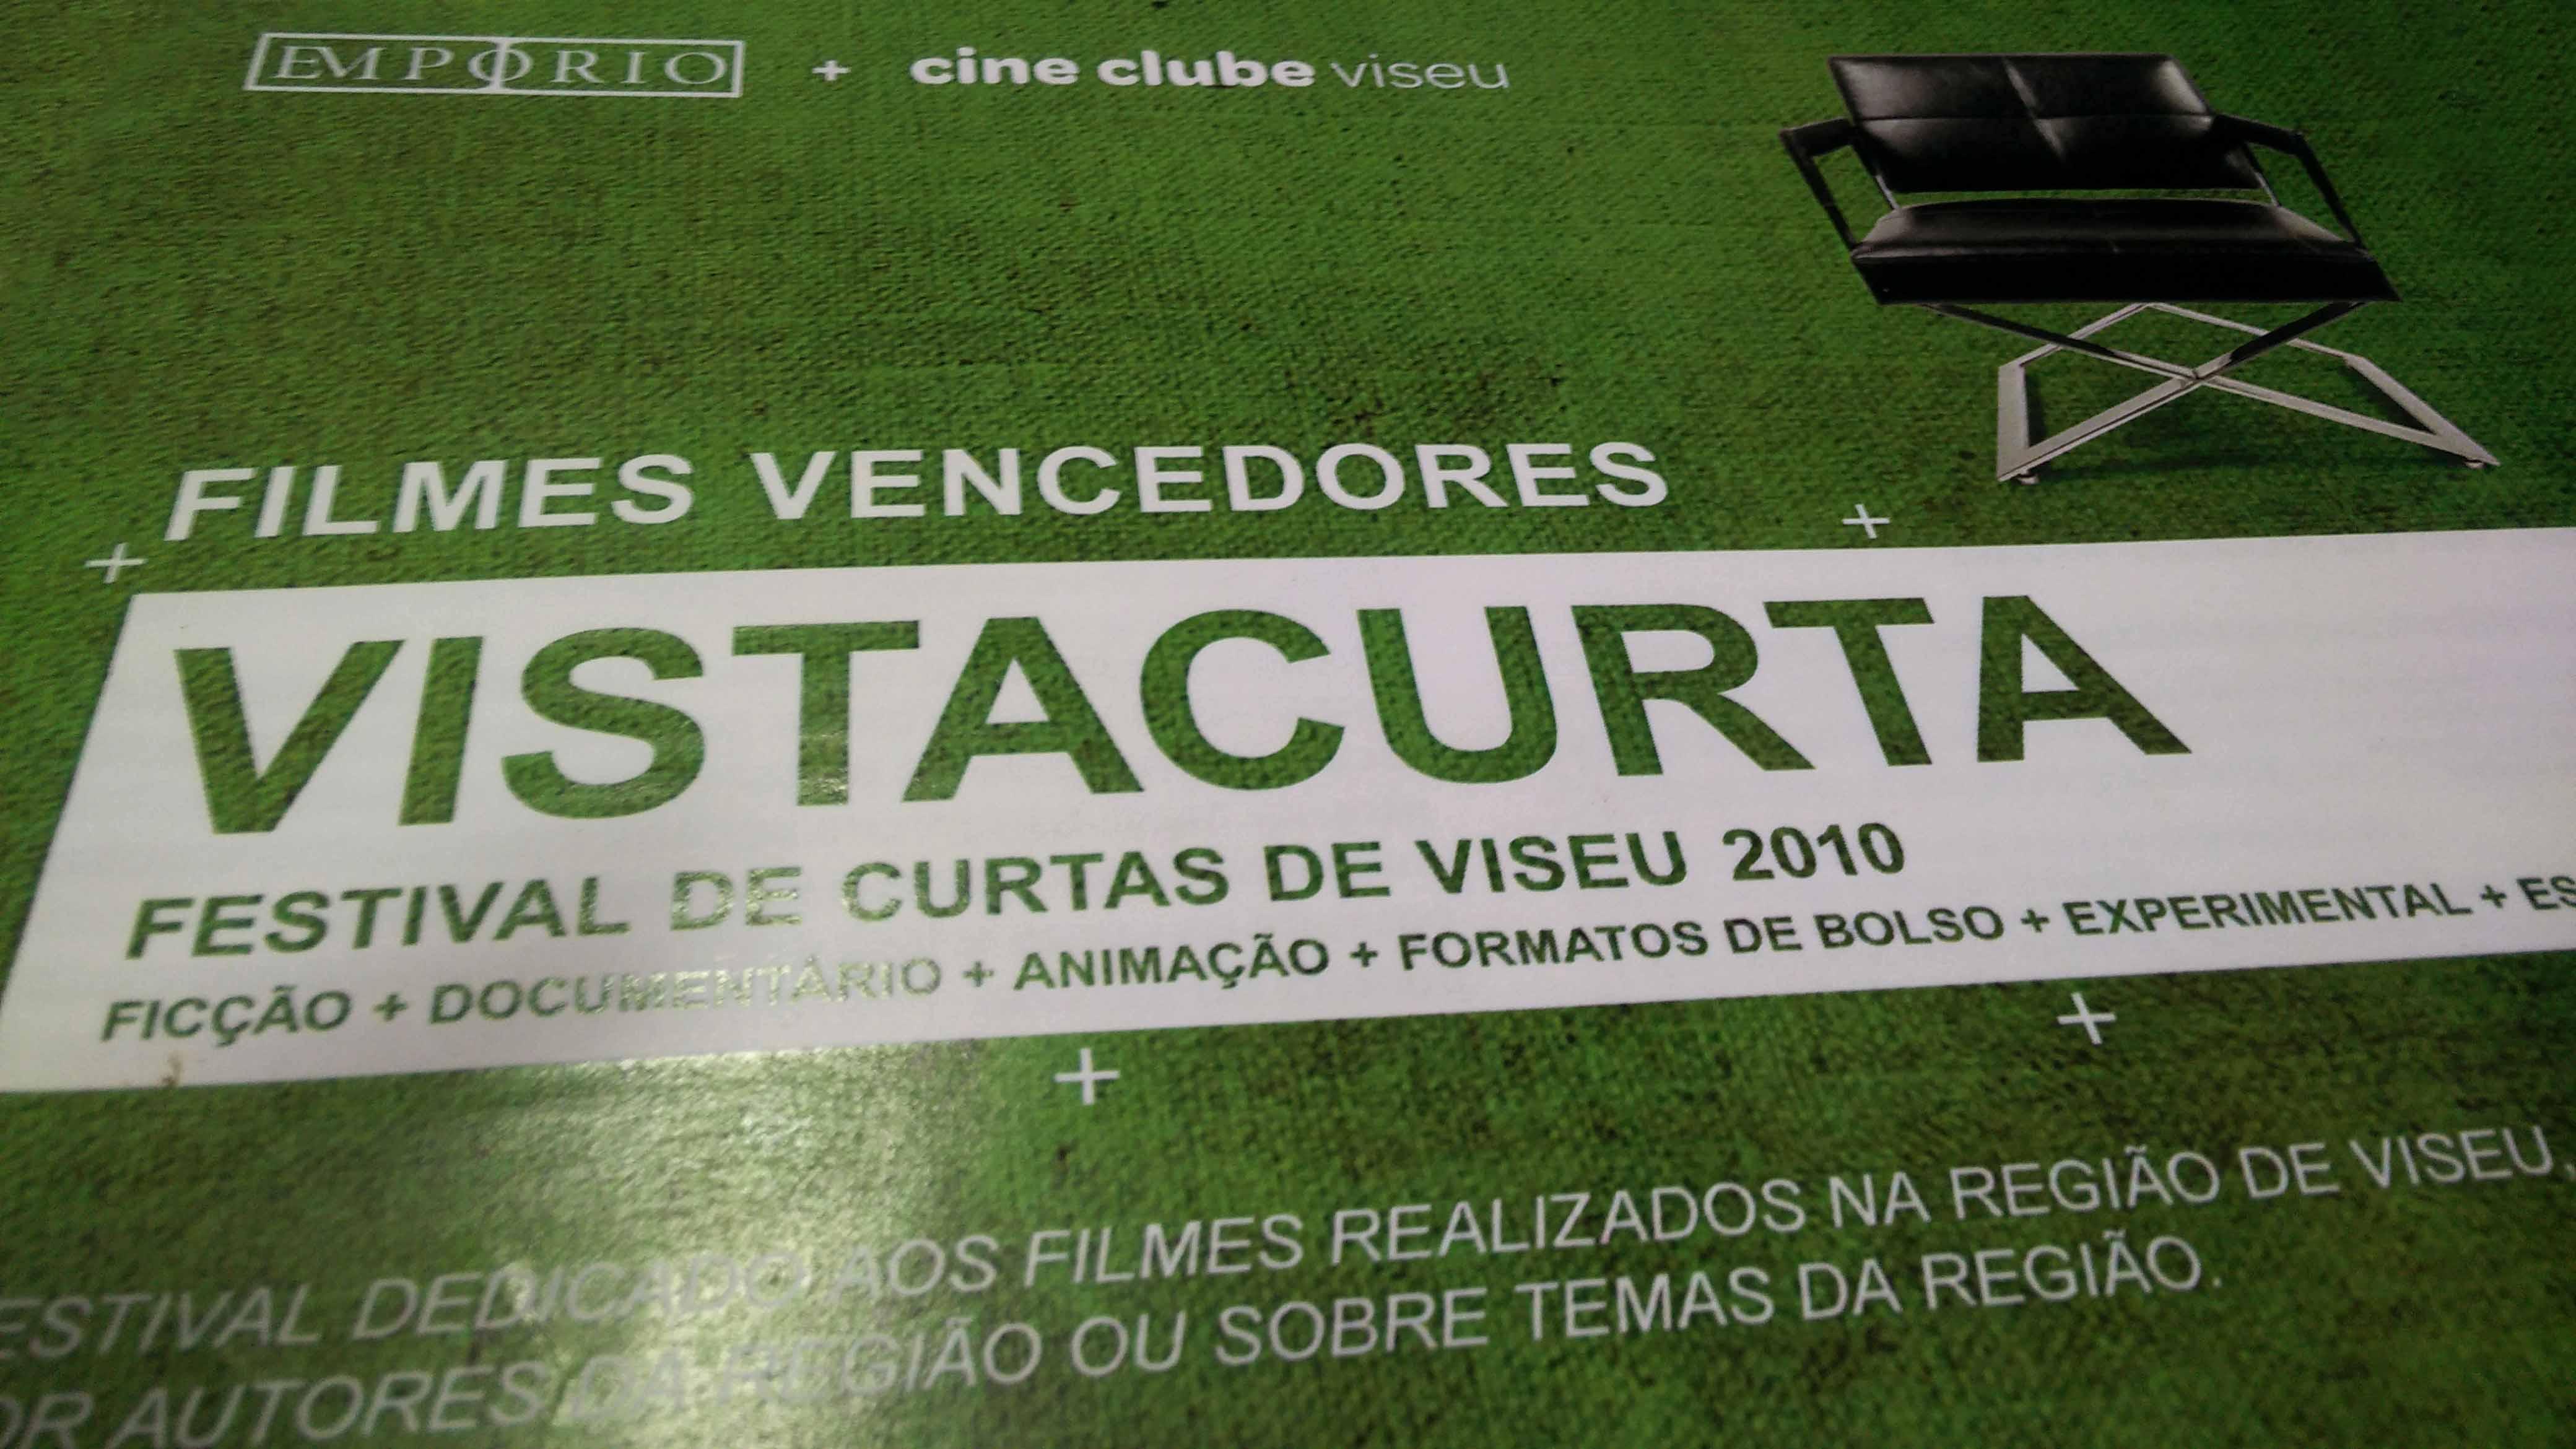 """Filme """"Elementos"""" vence prémio VISTACURTA 2010 (Festival de Curtas de Viseu)"""